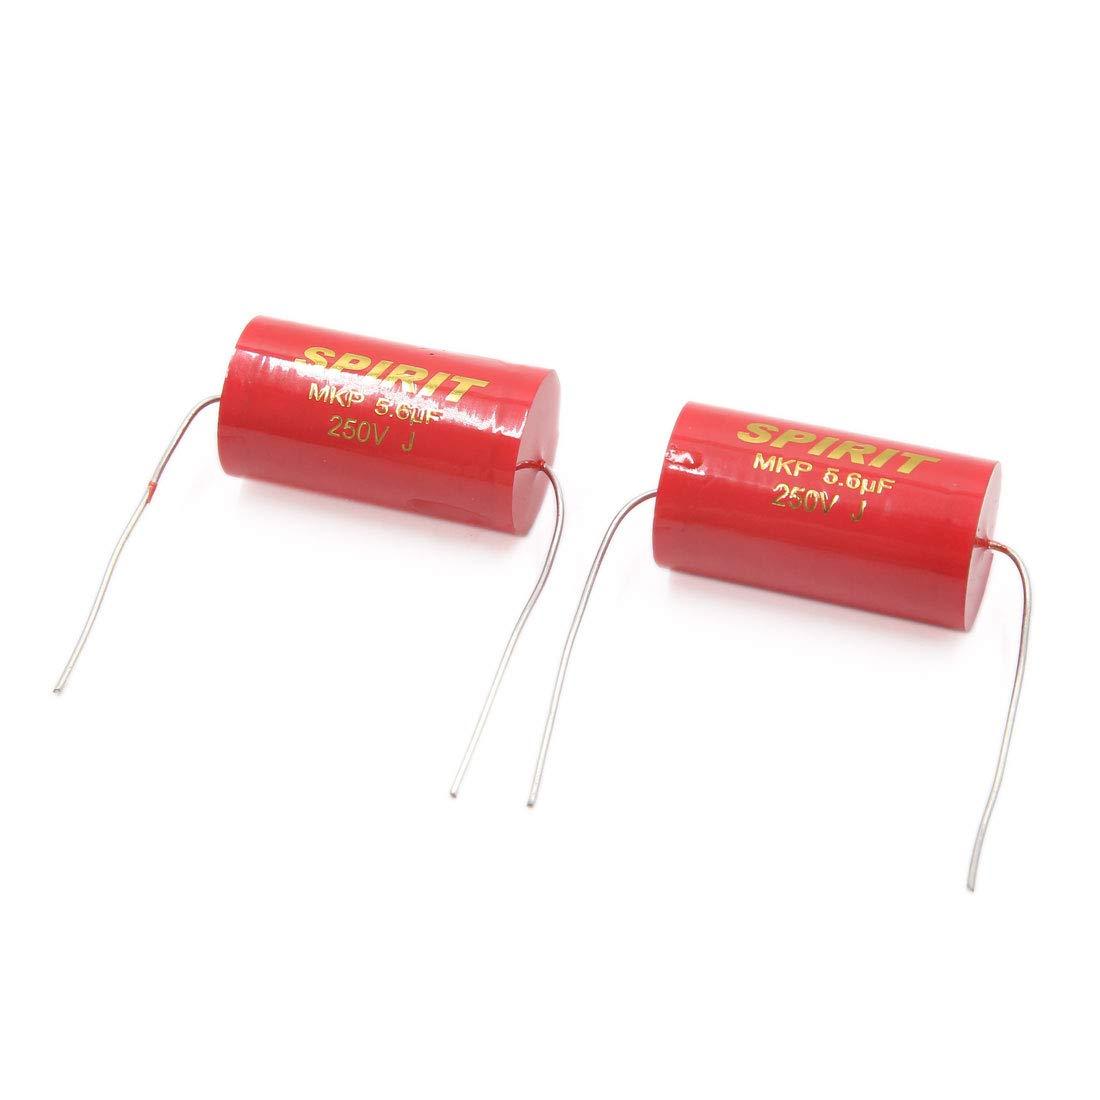 sourcing map 2Pcs 5.6uF 250V 17 X 31mm Rojo Condensadores Electrol/íticos de Audio de Coche Veh/ículo